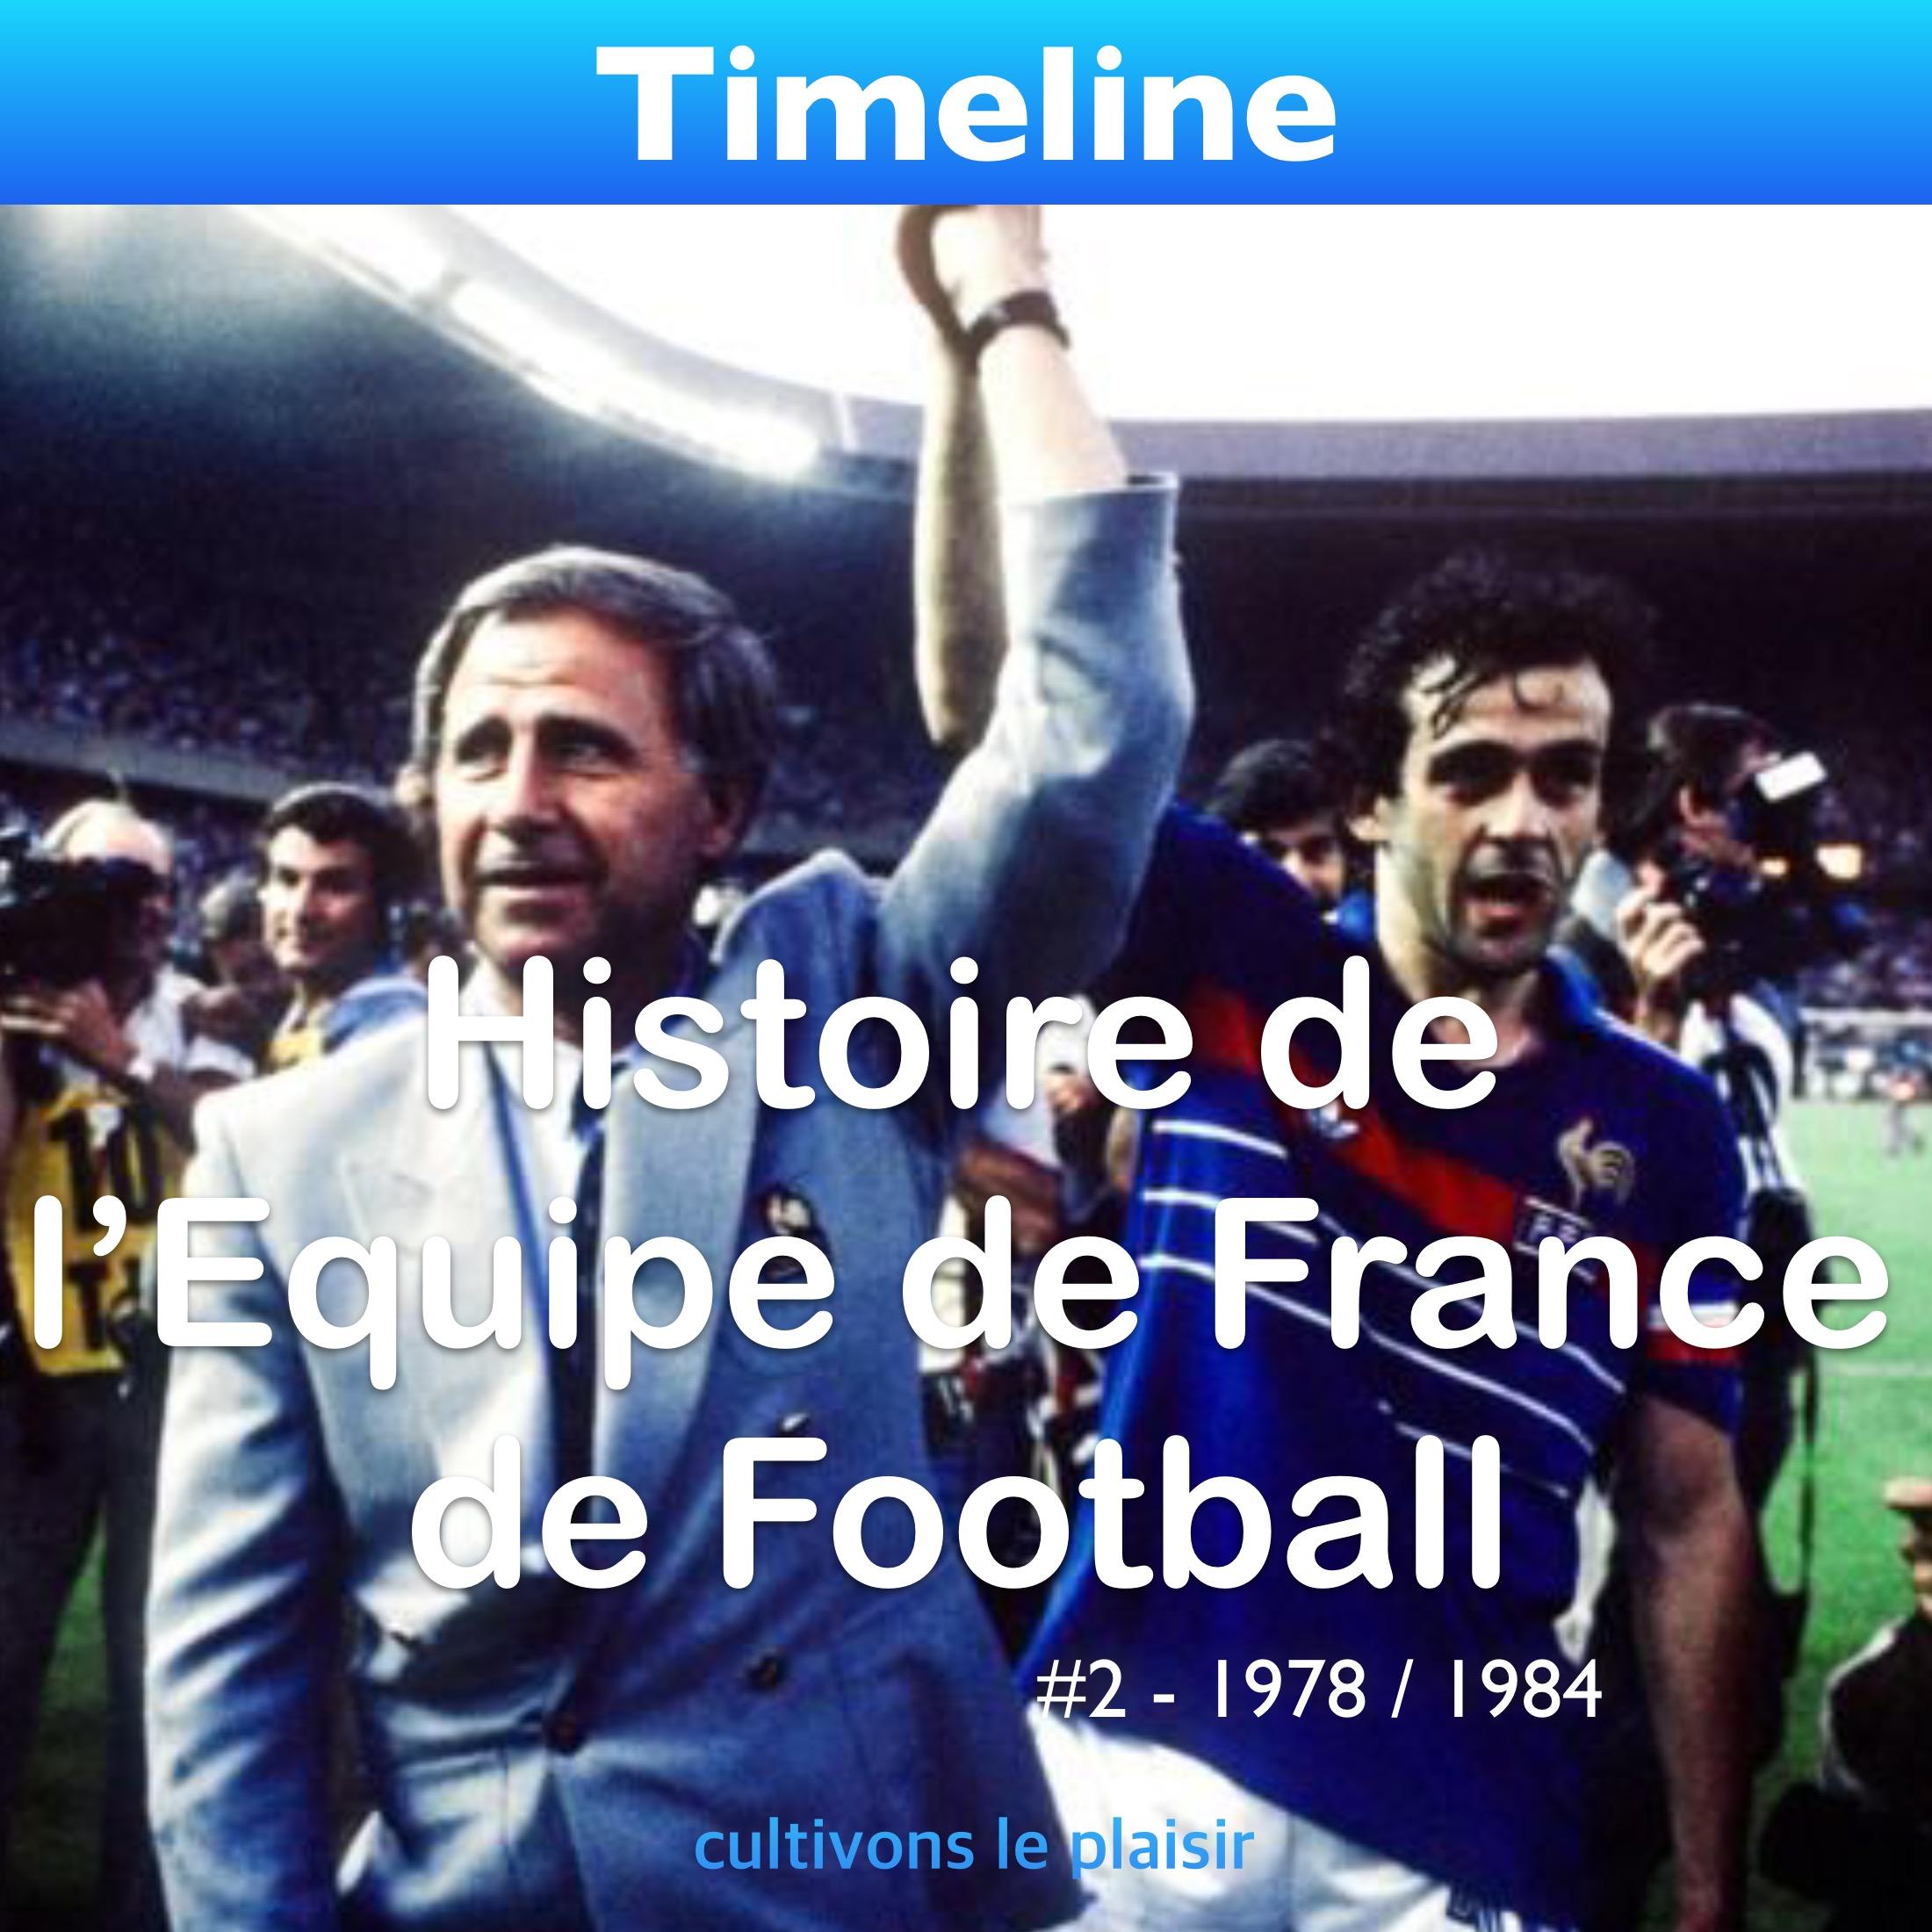 Histoire de l'Equipe de France de Football #2